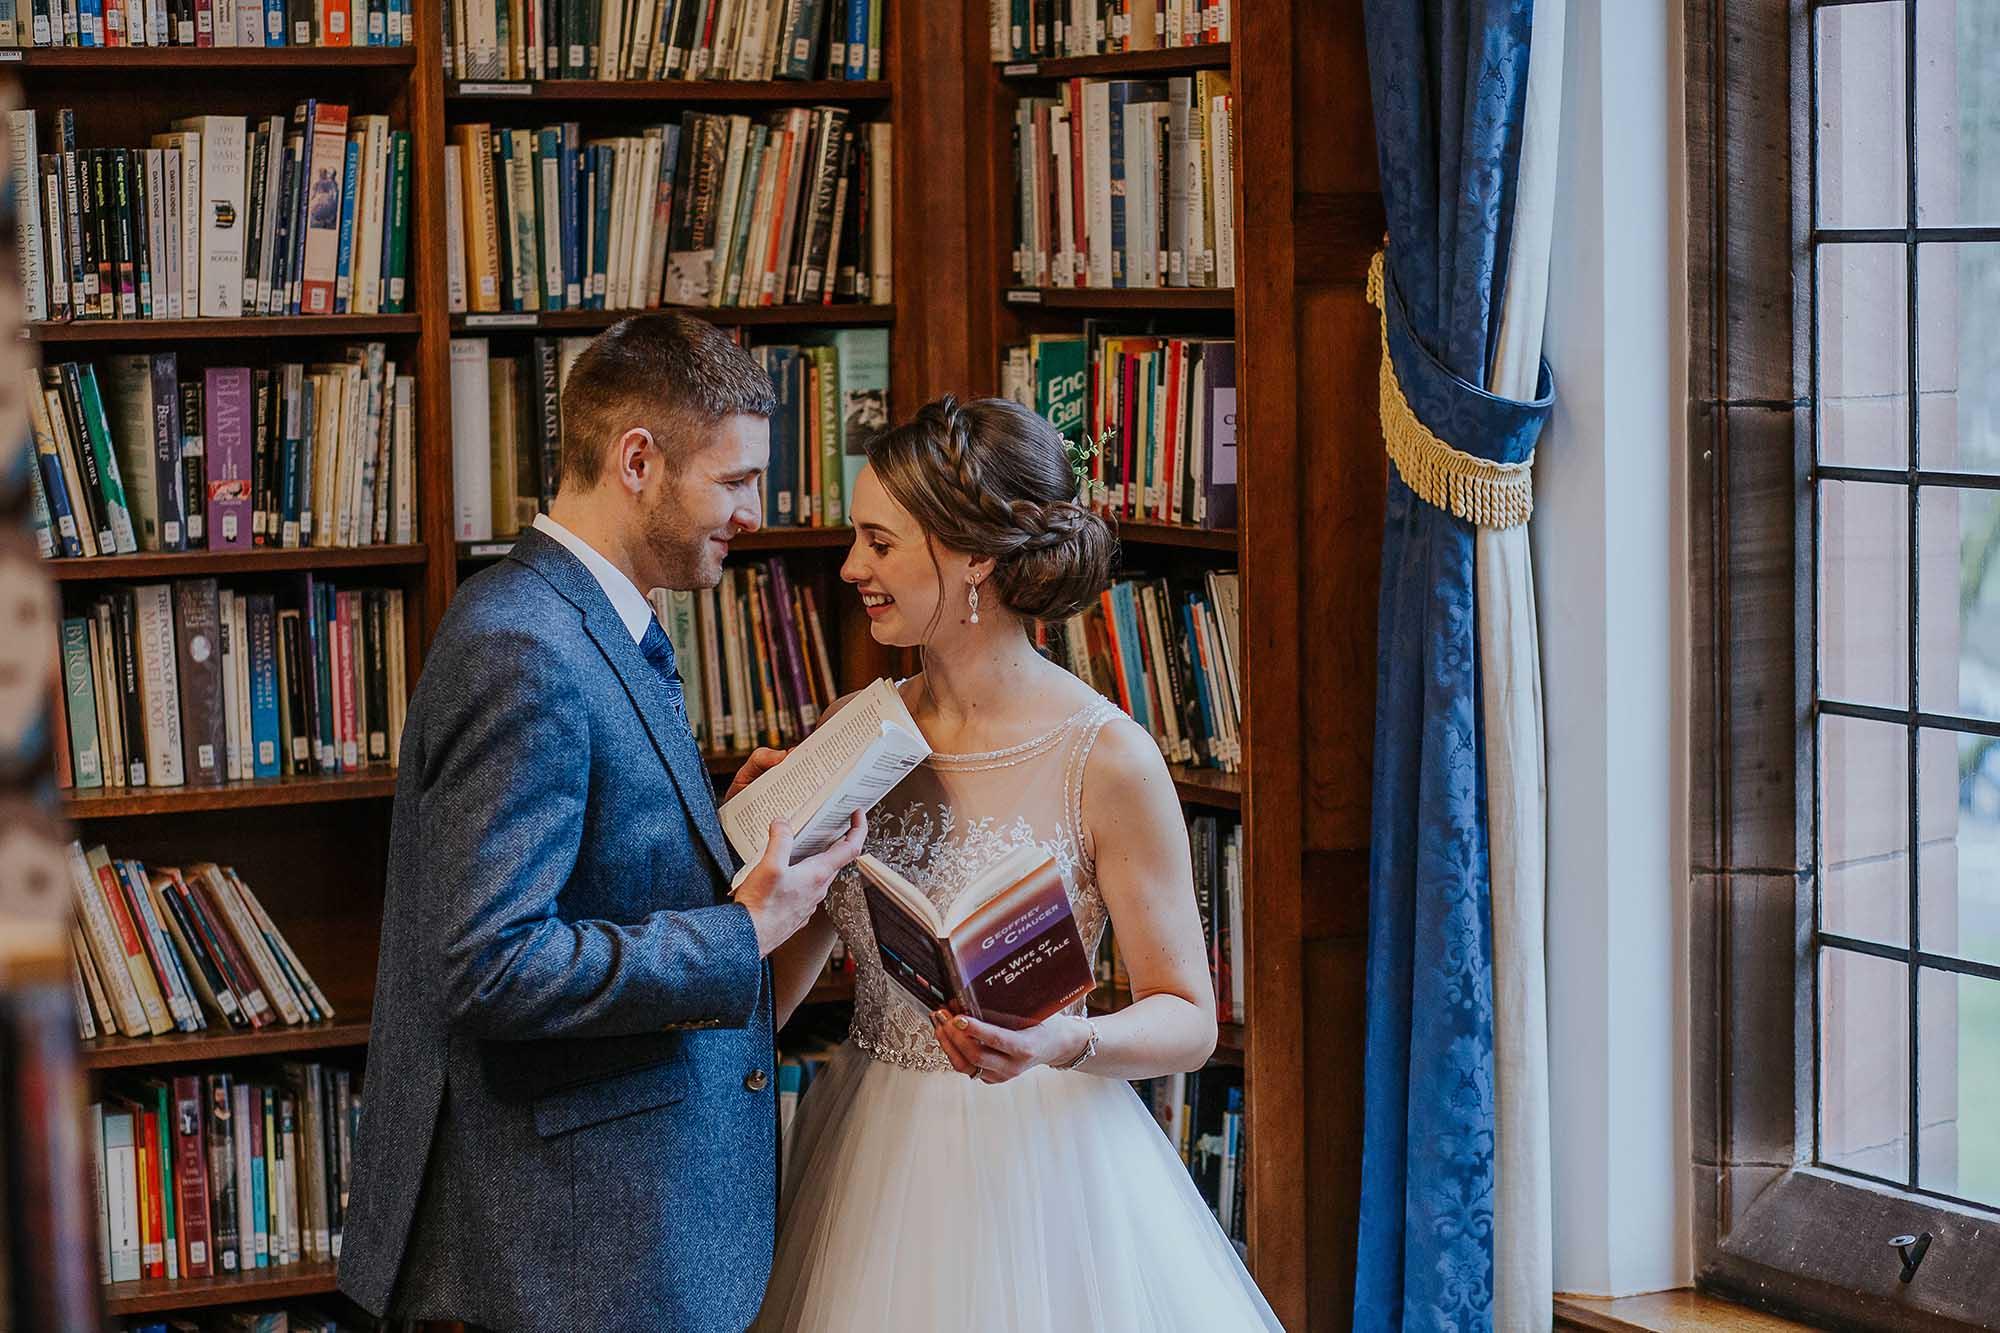 library Bolton School wedding photos